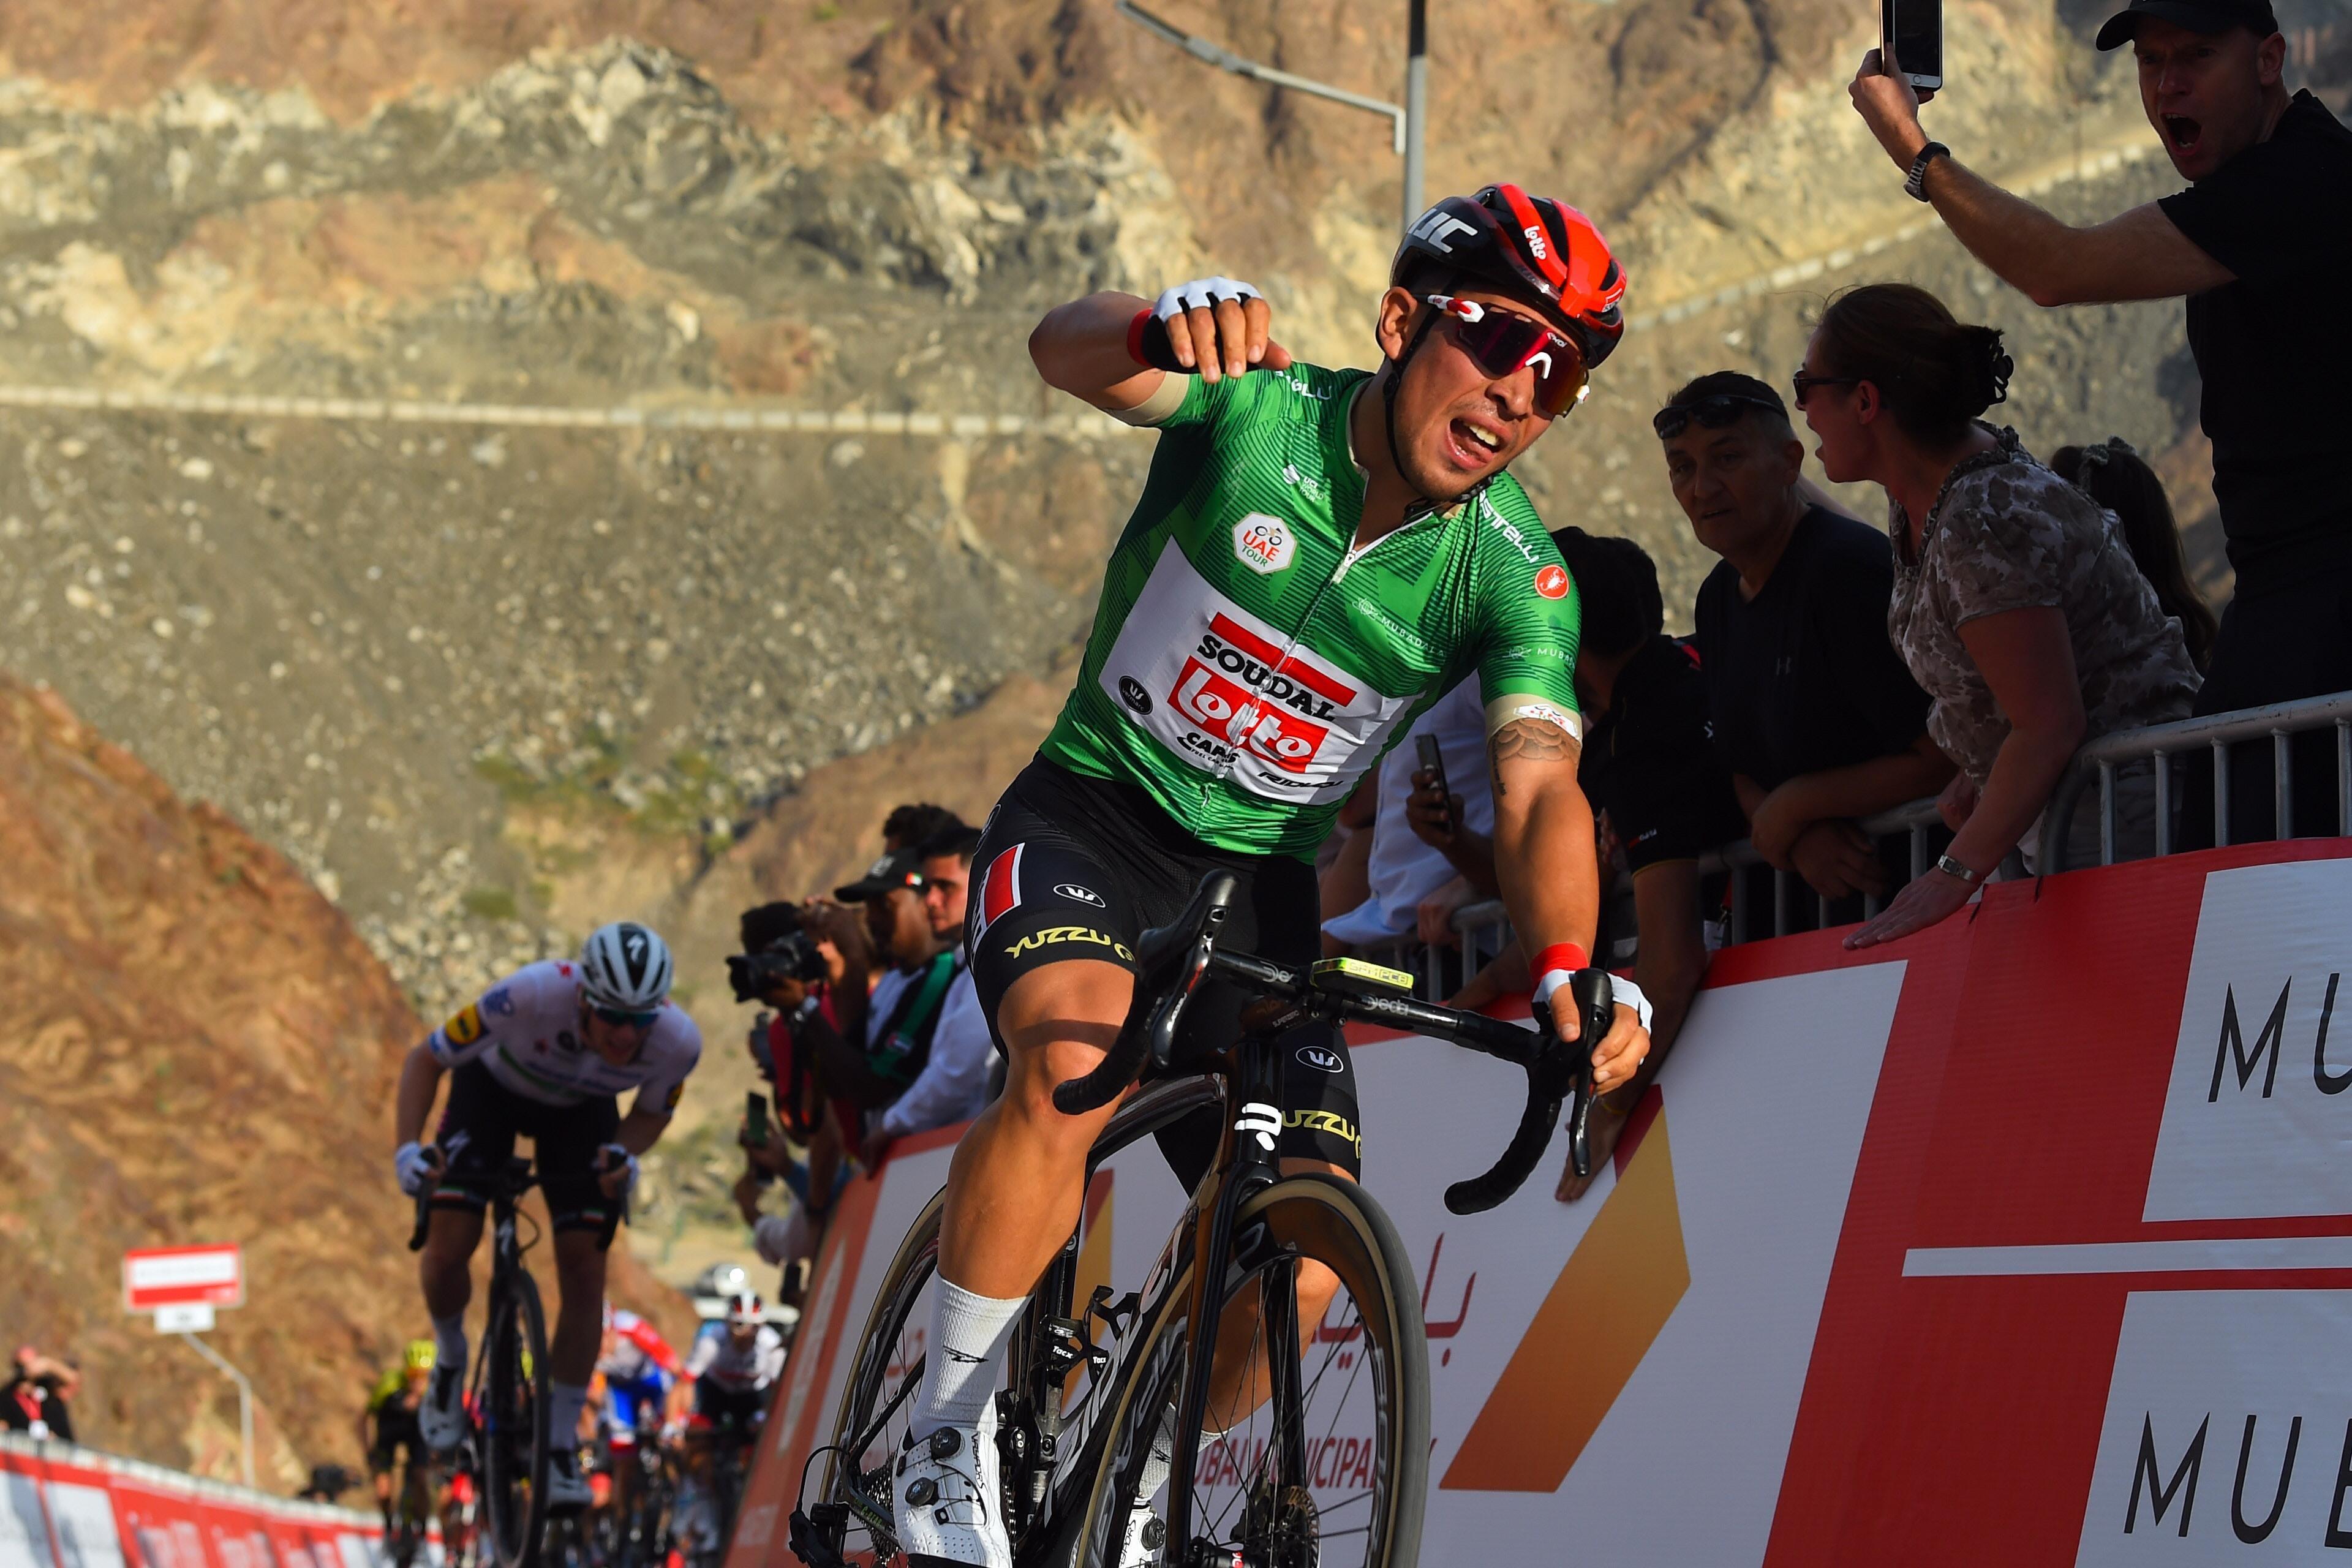 Caleb EWAN remporte la deuxième étape de l'UAE Tour et prend la tête du général (Lotto Soudal)